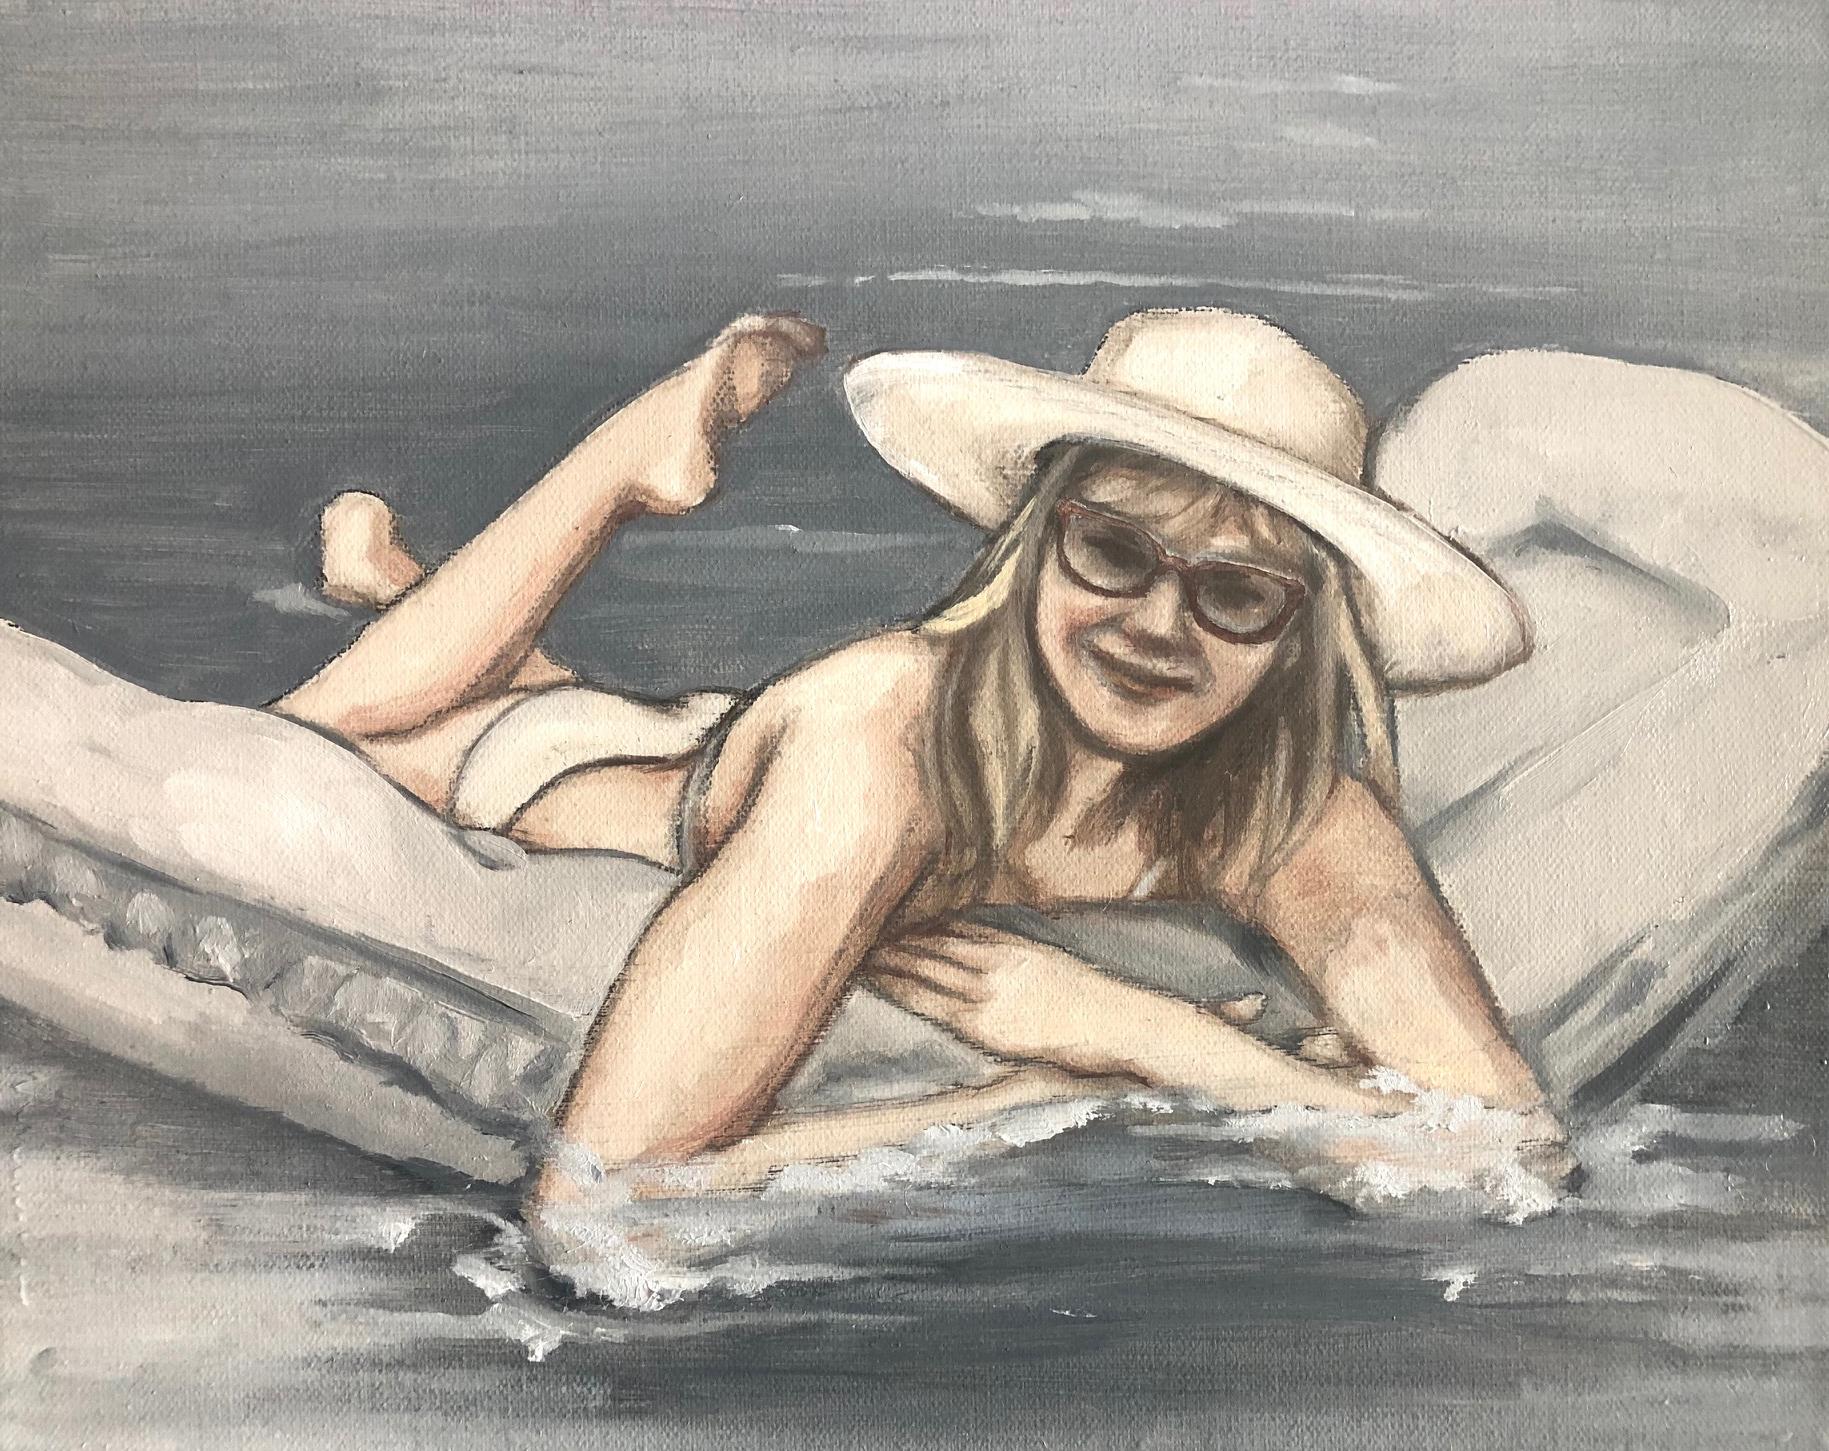 Artist Sharon Strine